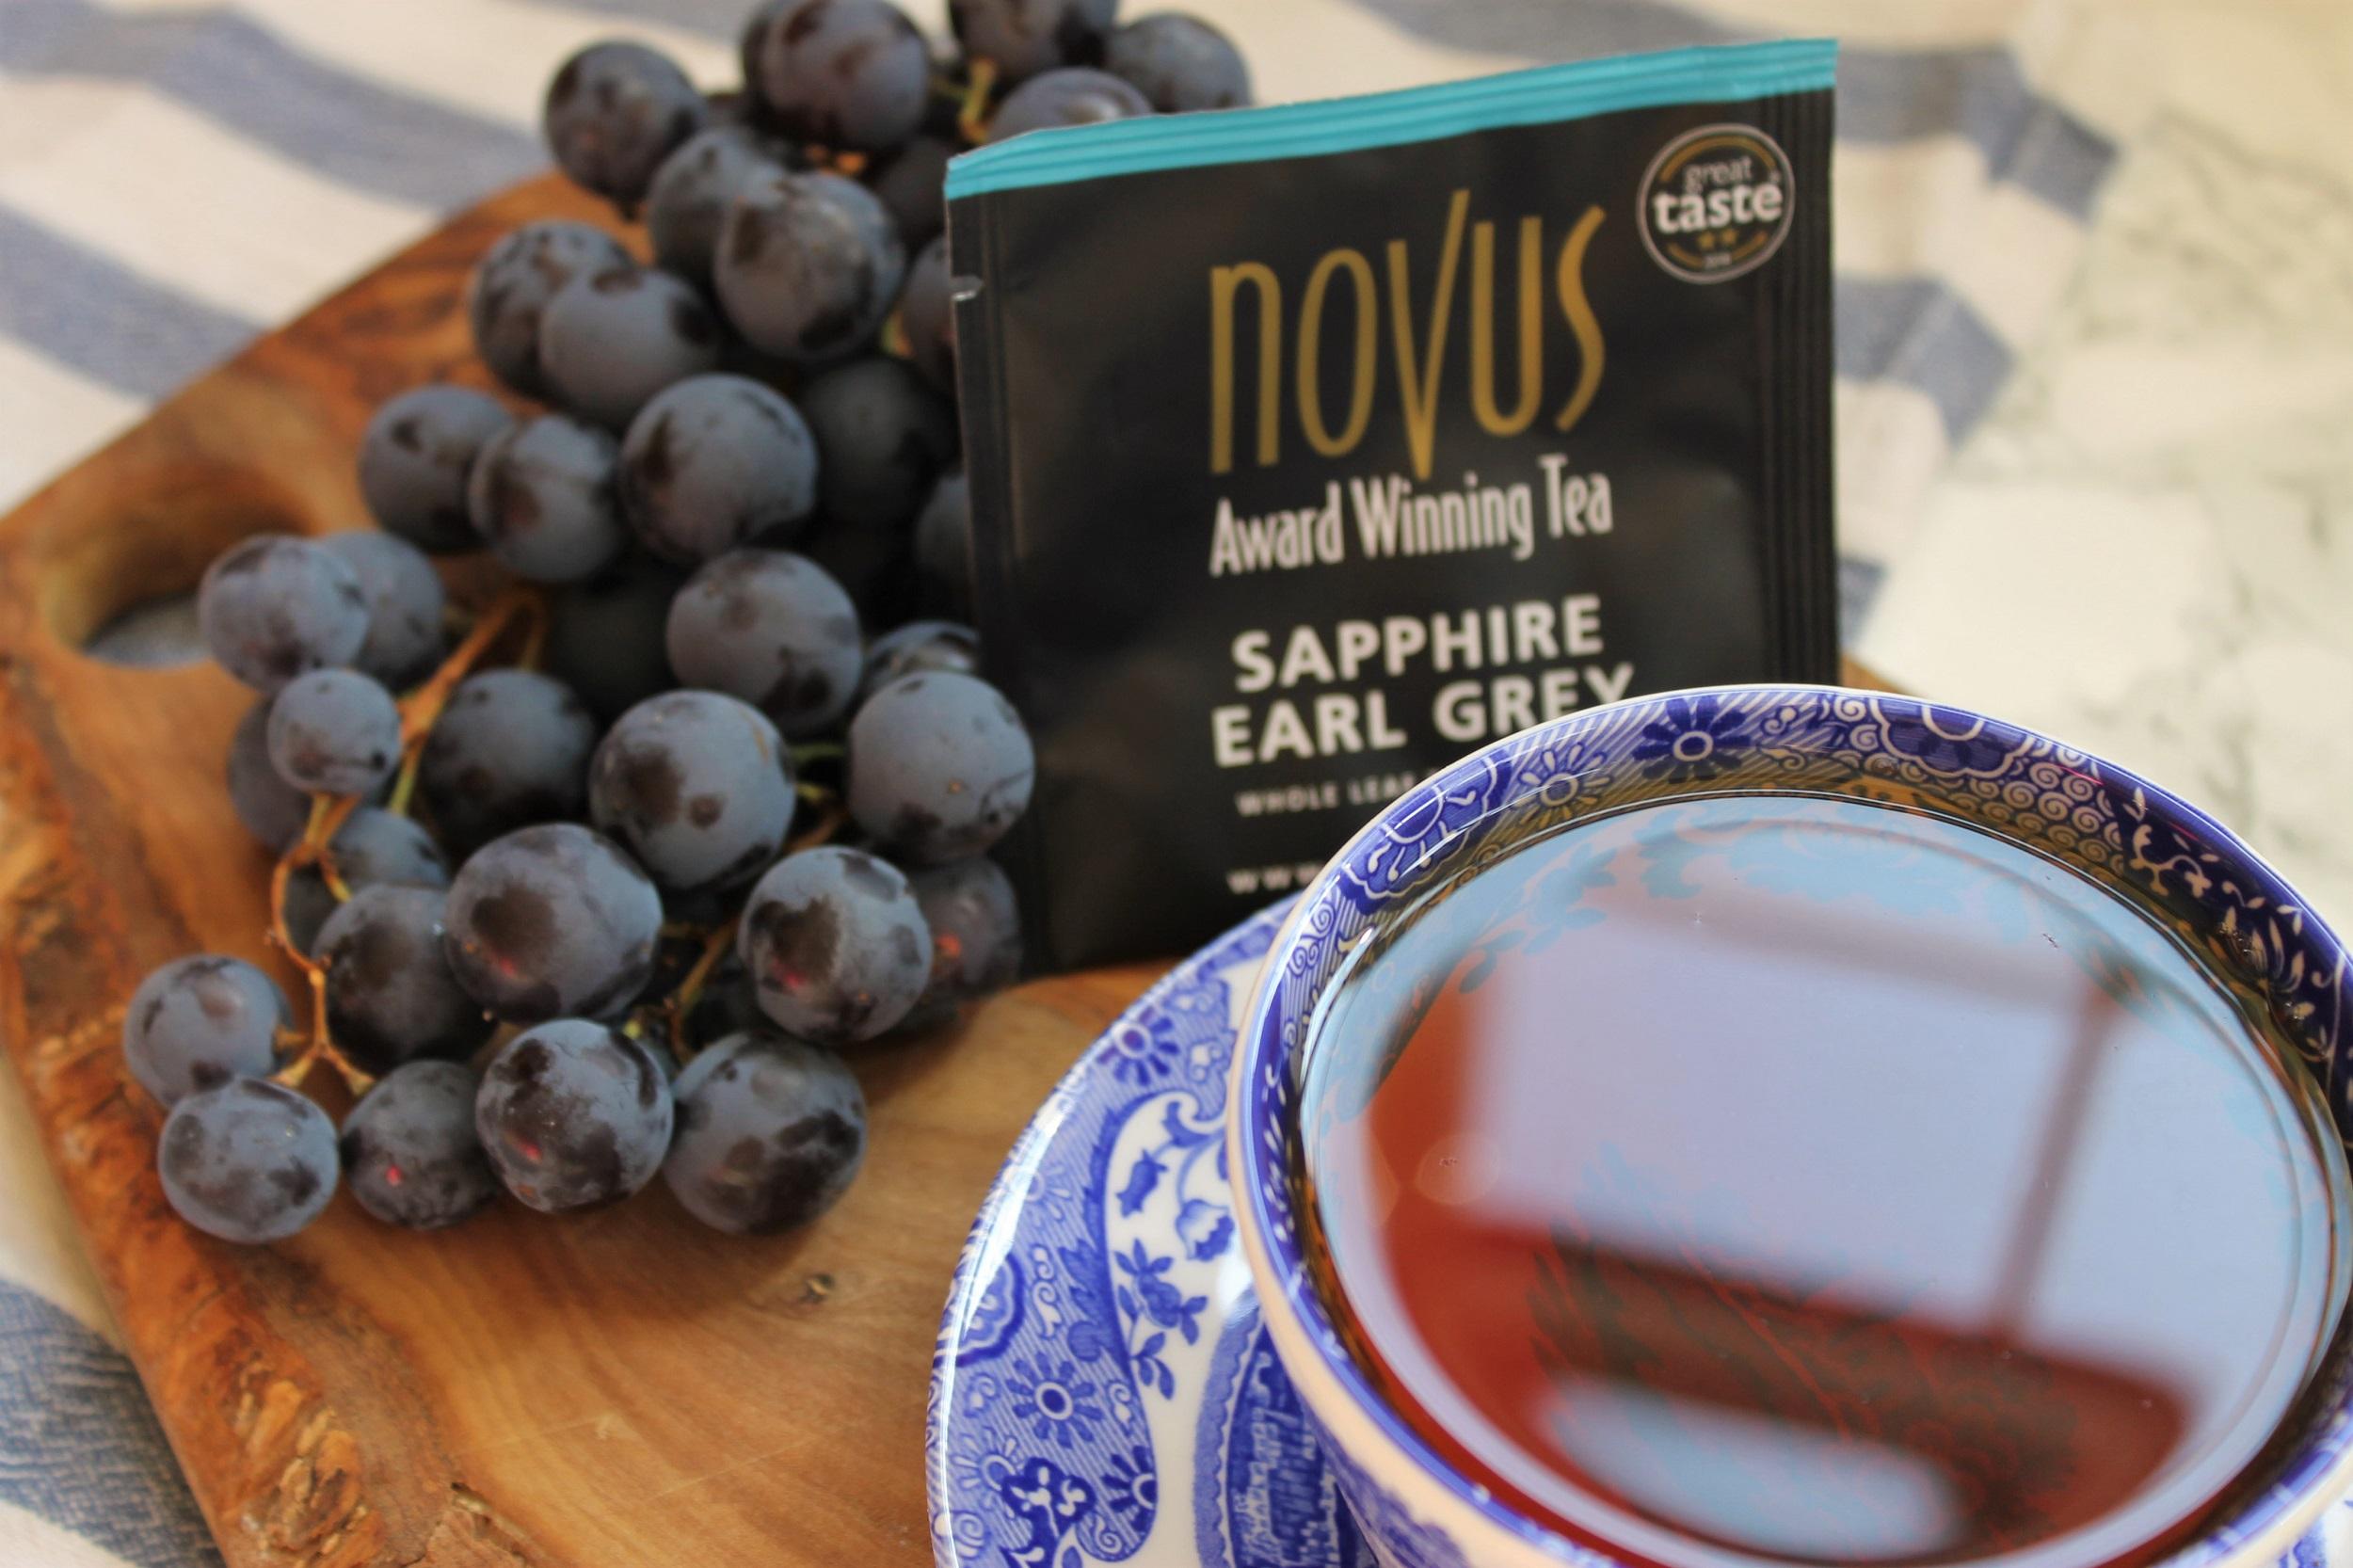 novus earl grey tea with grapes